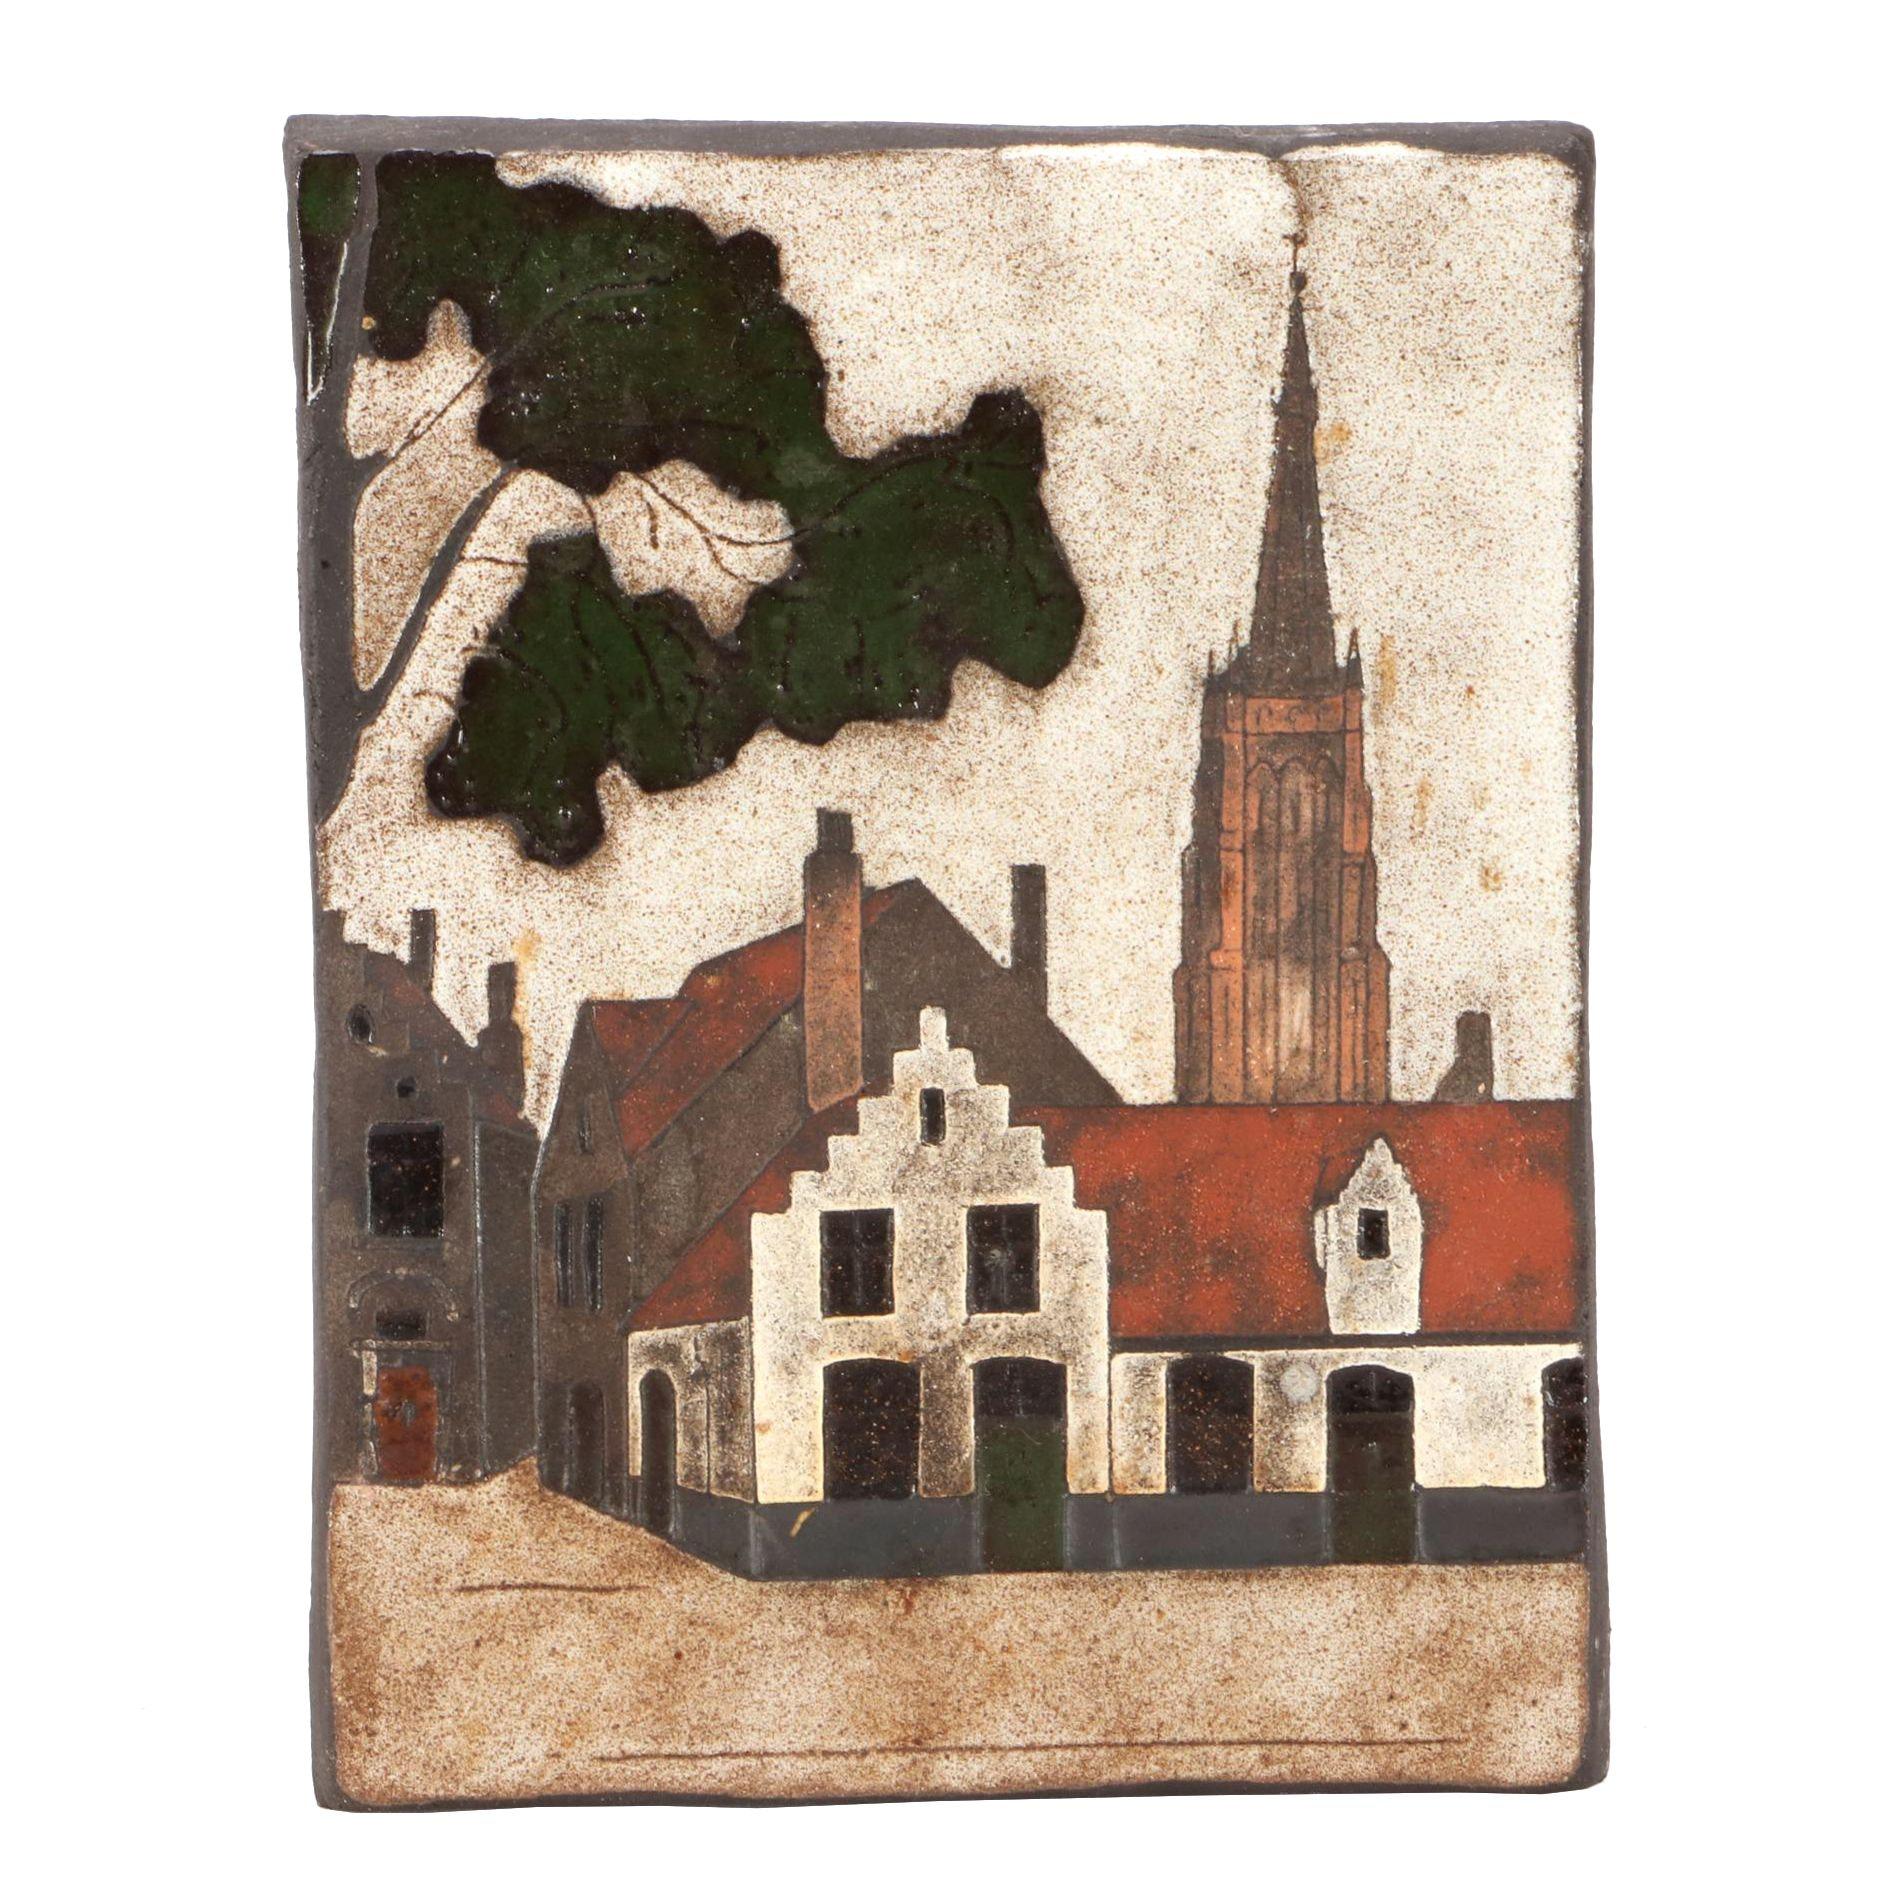 Glazed Ceramic Wall Tile Depicting Bruges, Belgium